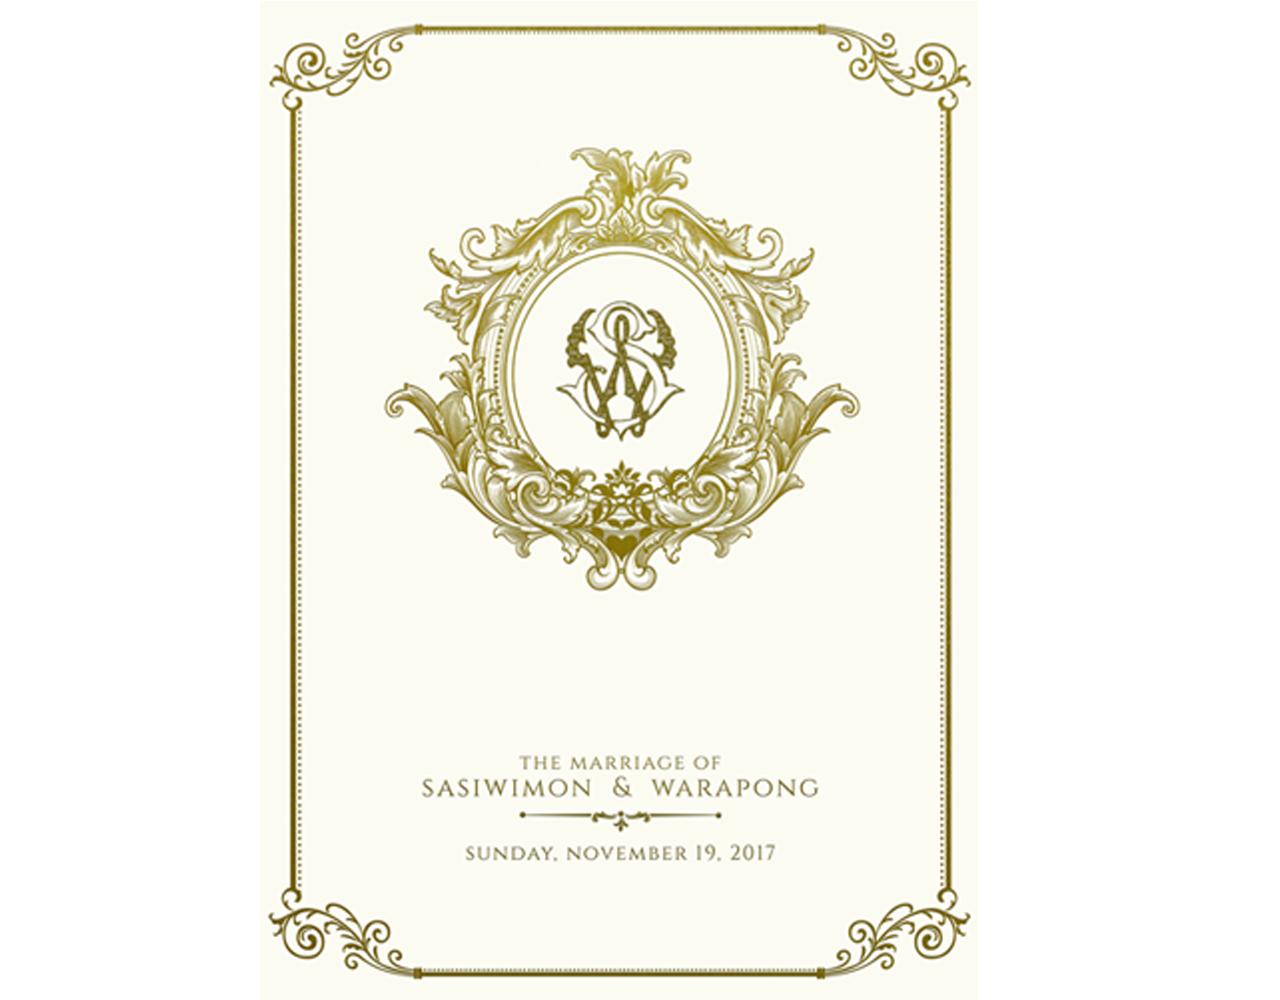 การ์ดแต่งงาน, การ์ดแต่งงานสั่งผลิต M010 ,ออกแบบการ์ดแต่งงาน